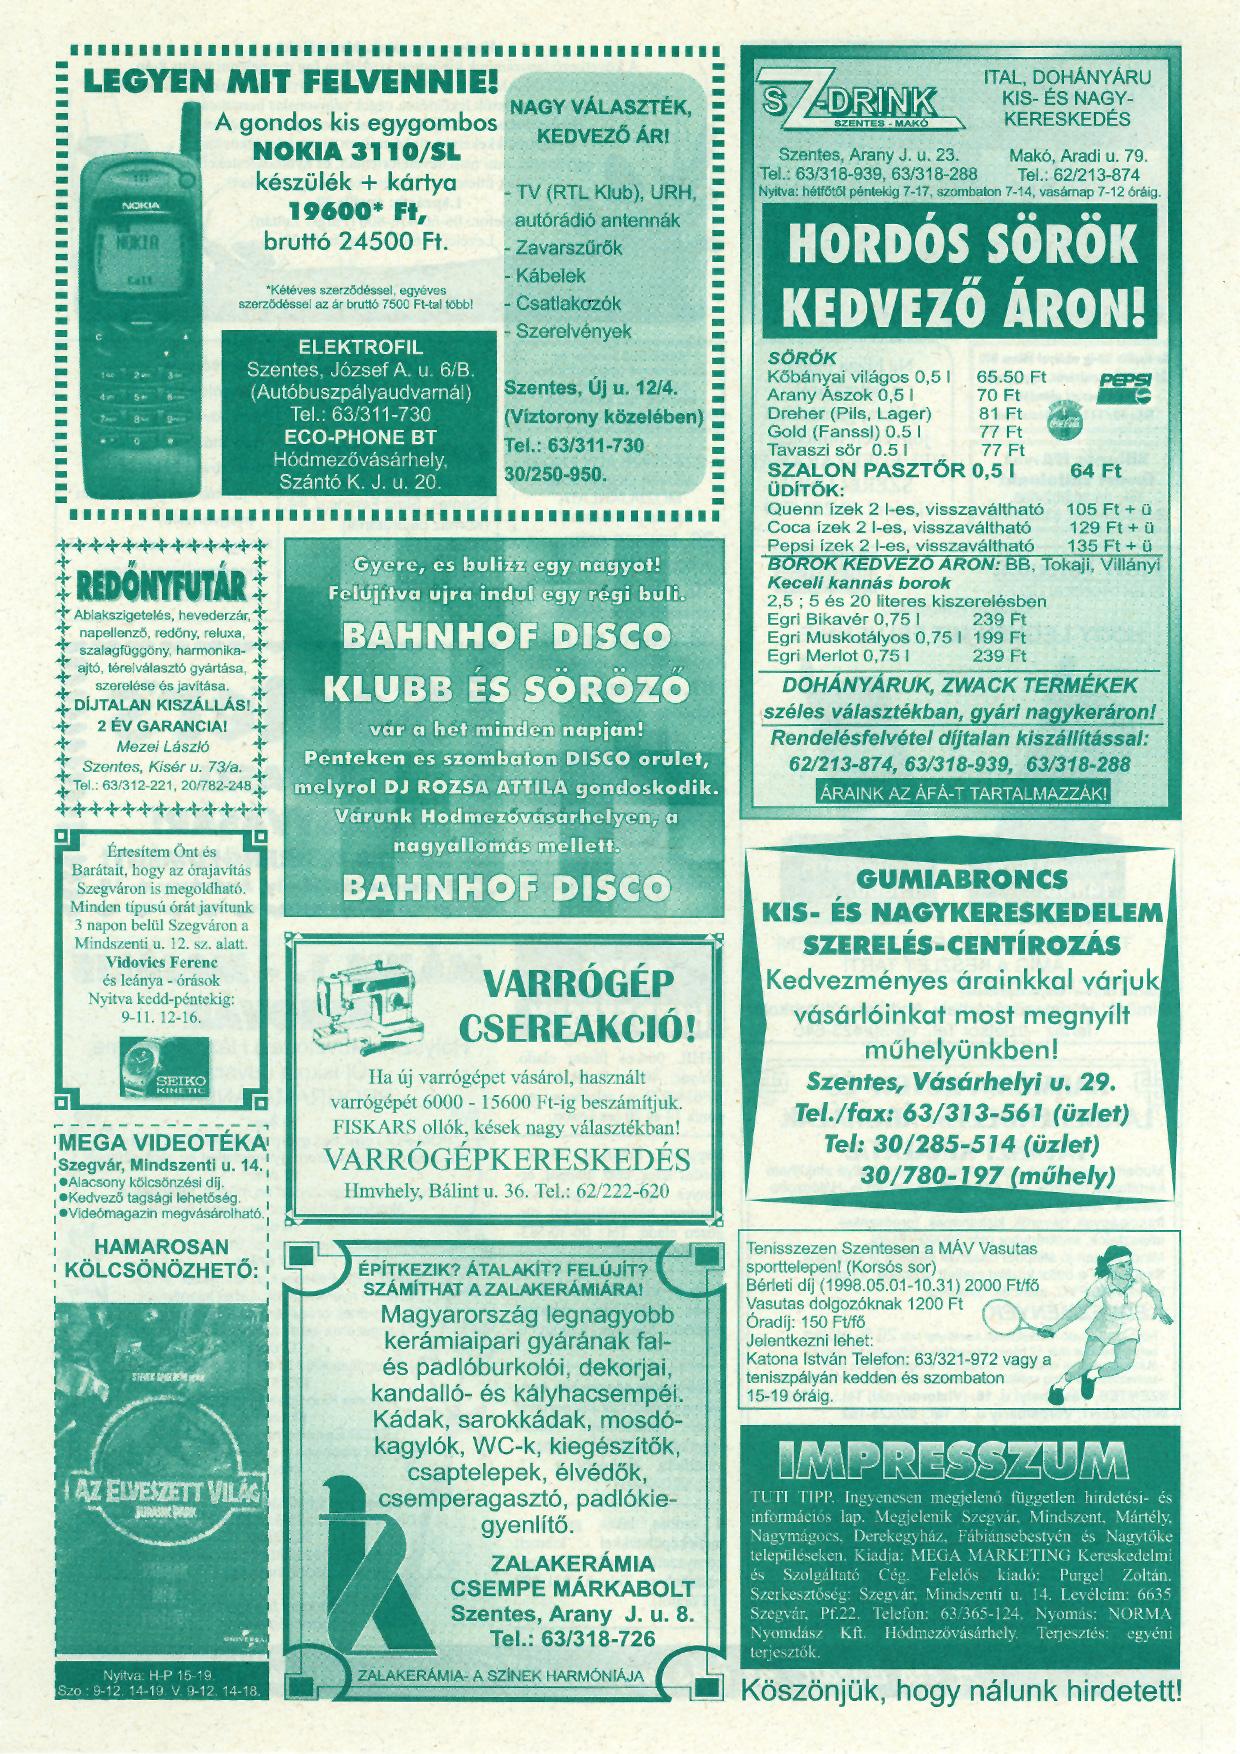 014 Tuti Tipp reklámújság - 19980425-084. lapszám - 2.oldal - IV. évfolyam.jpg